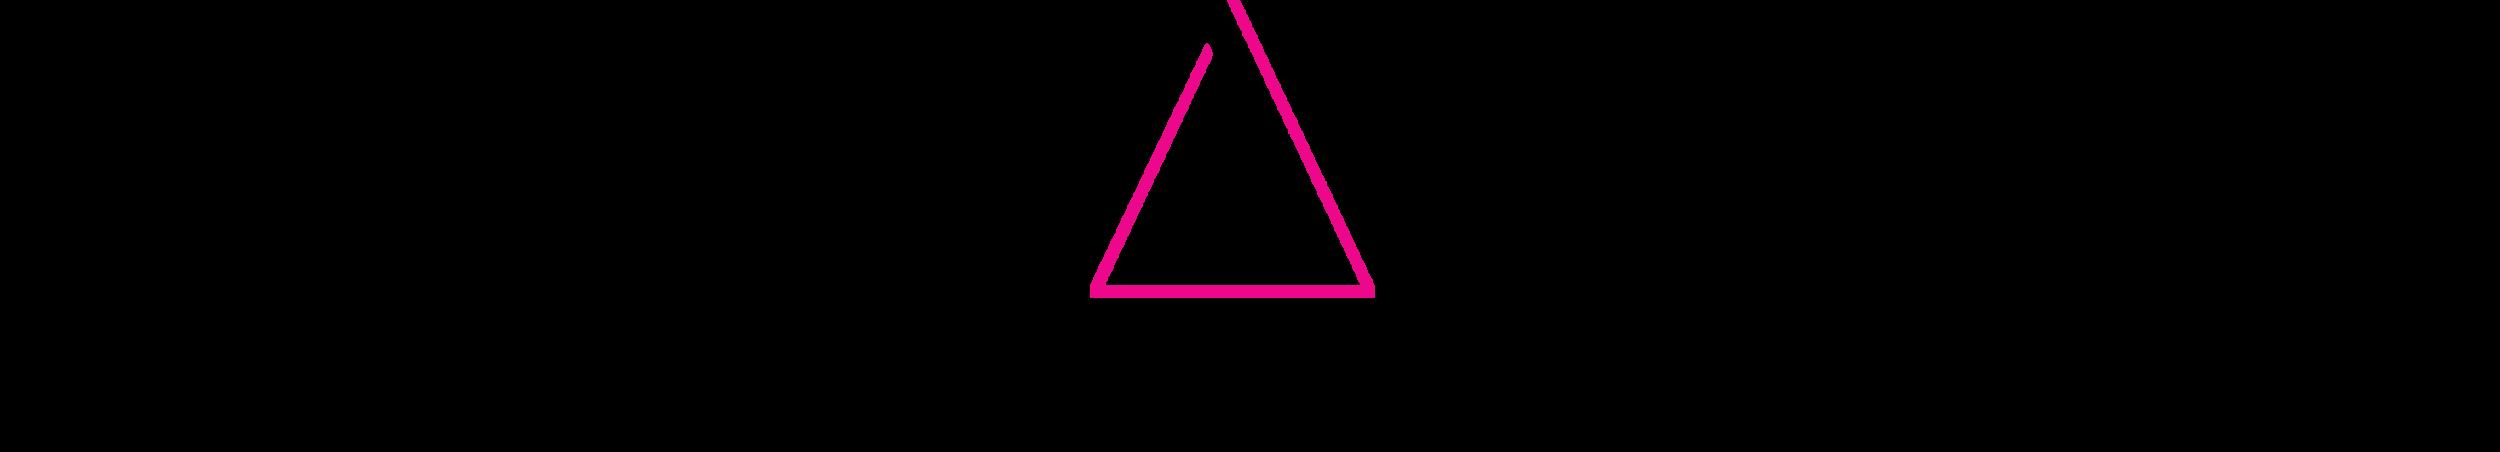 balance-logo.png